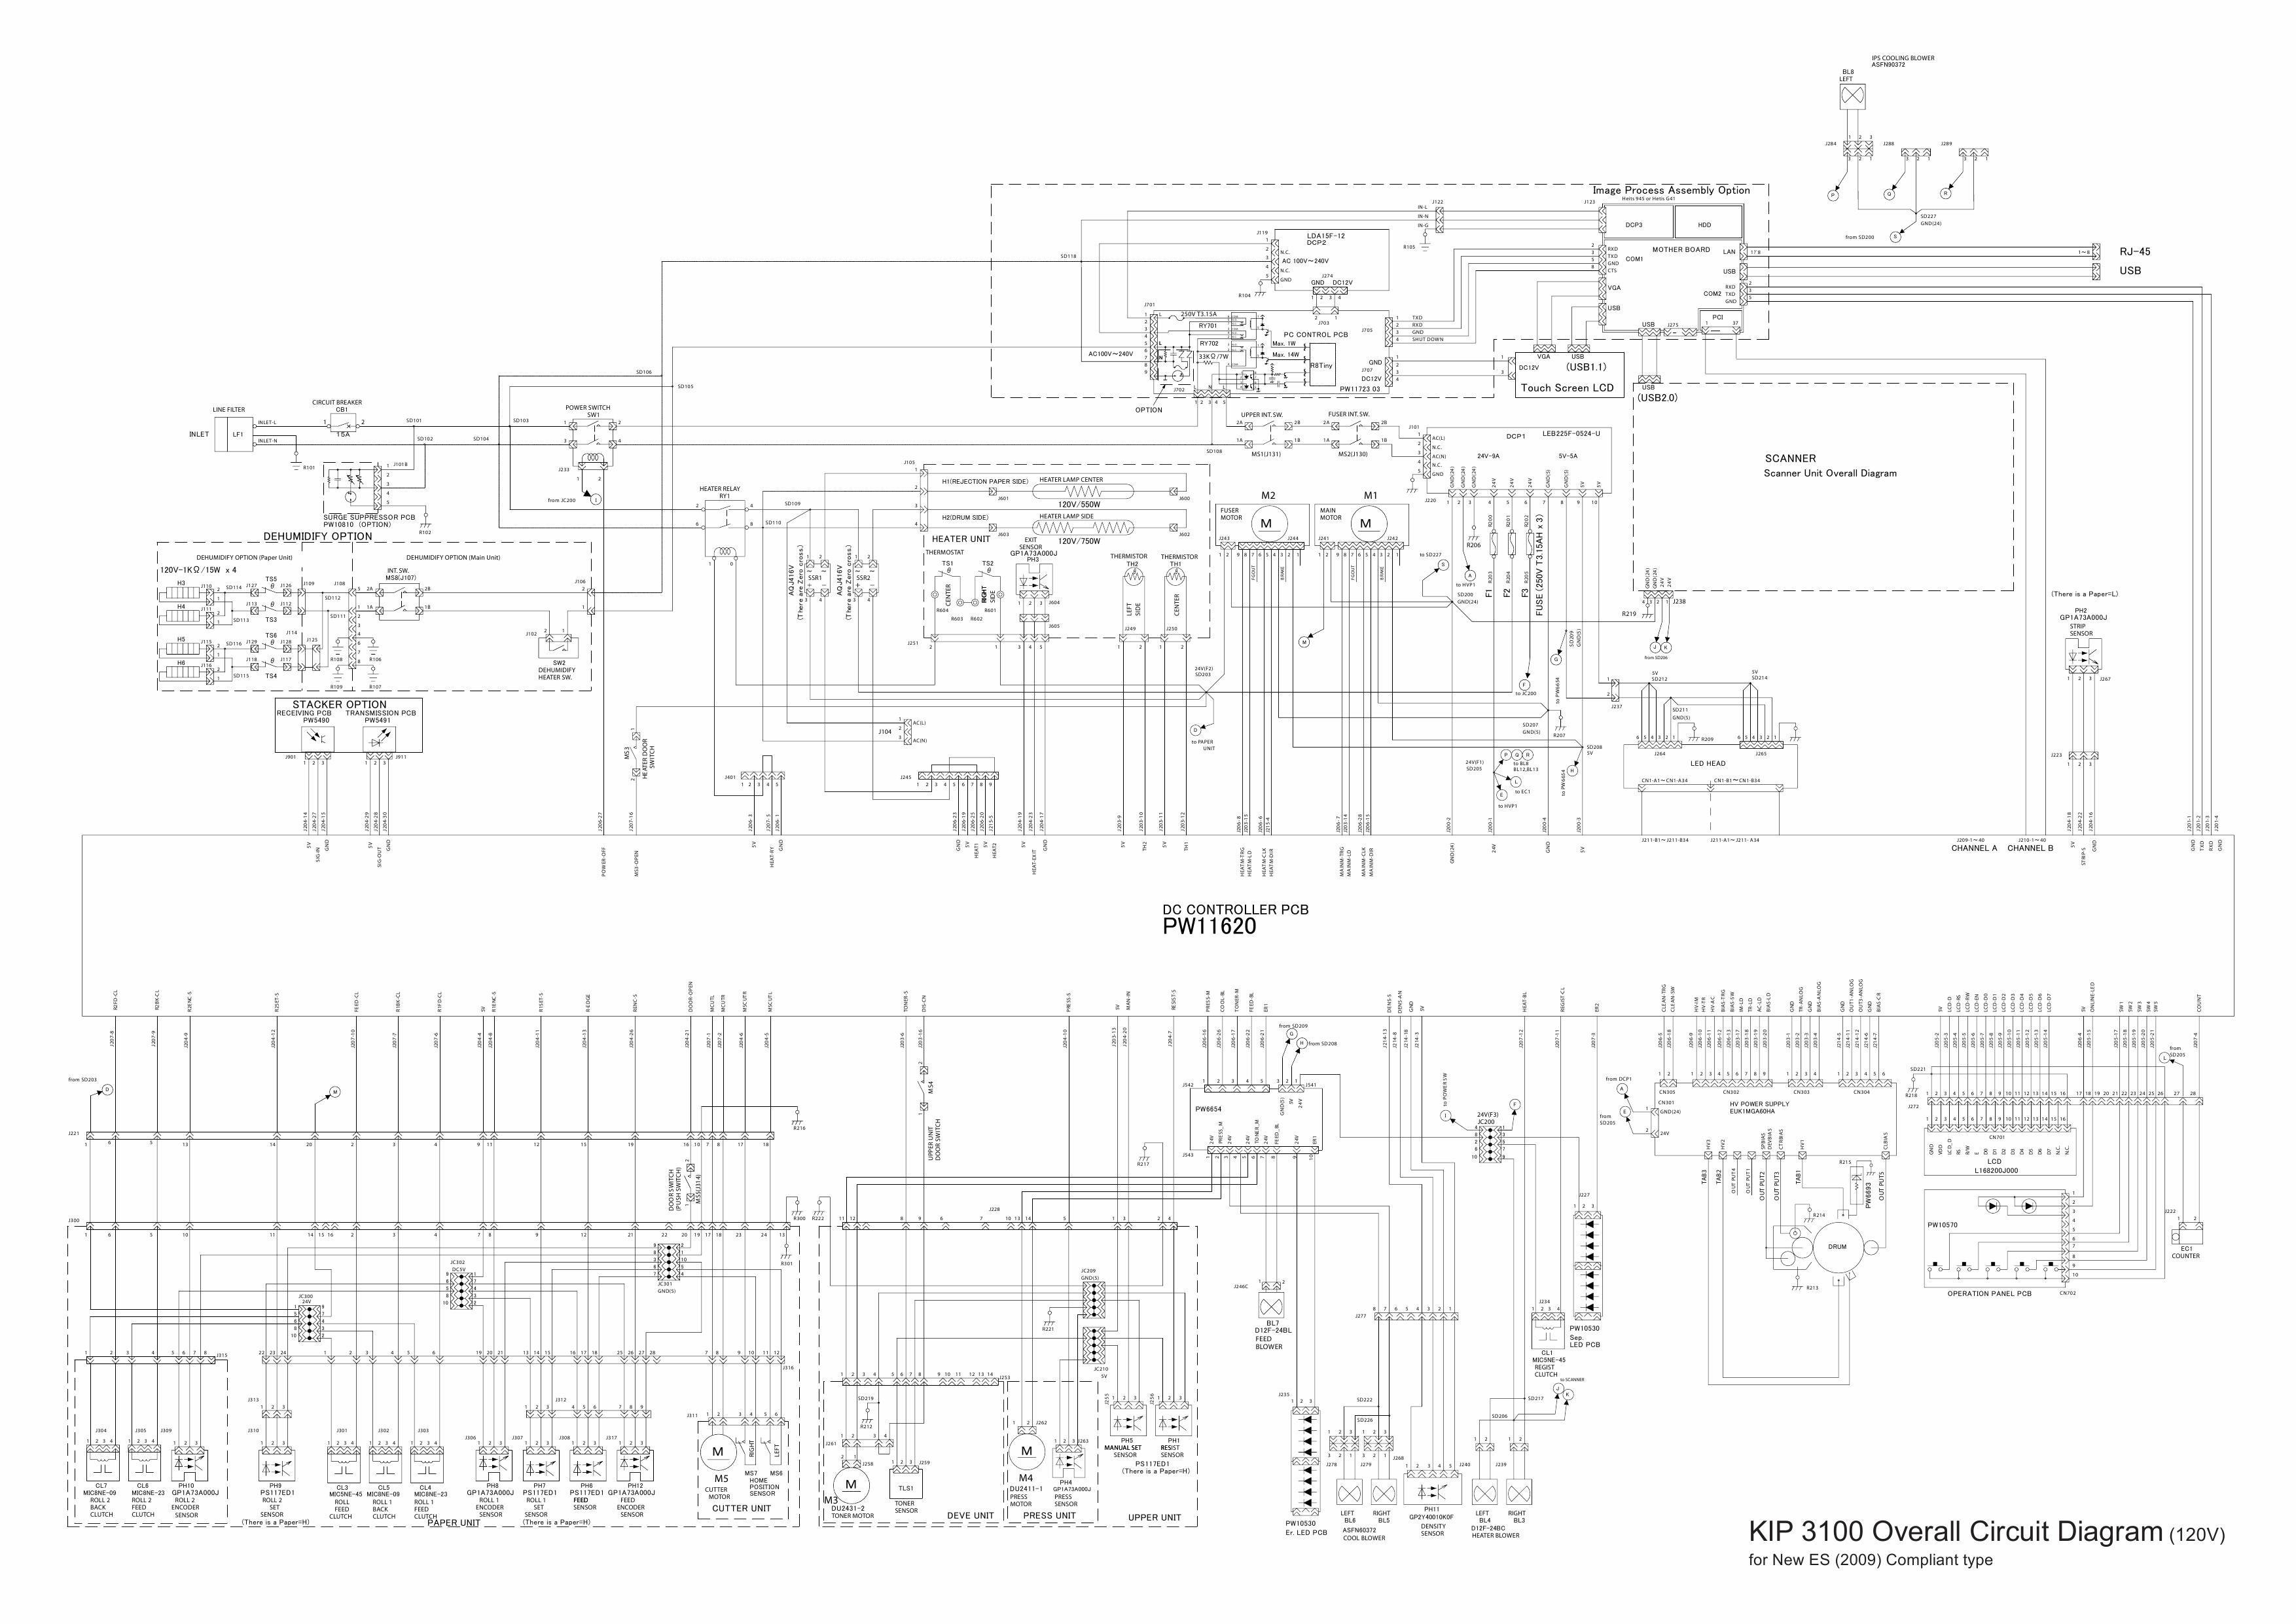 kip 3100 circuit diagram